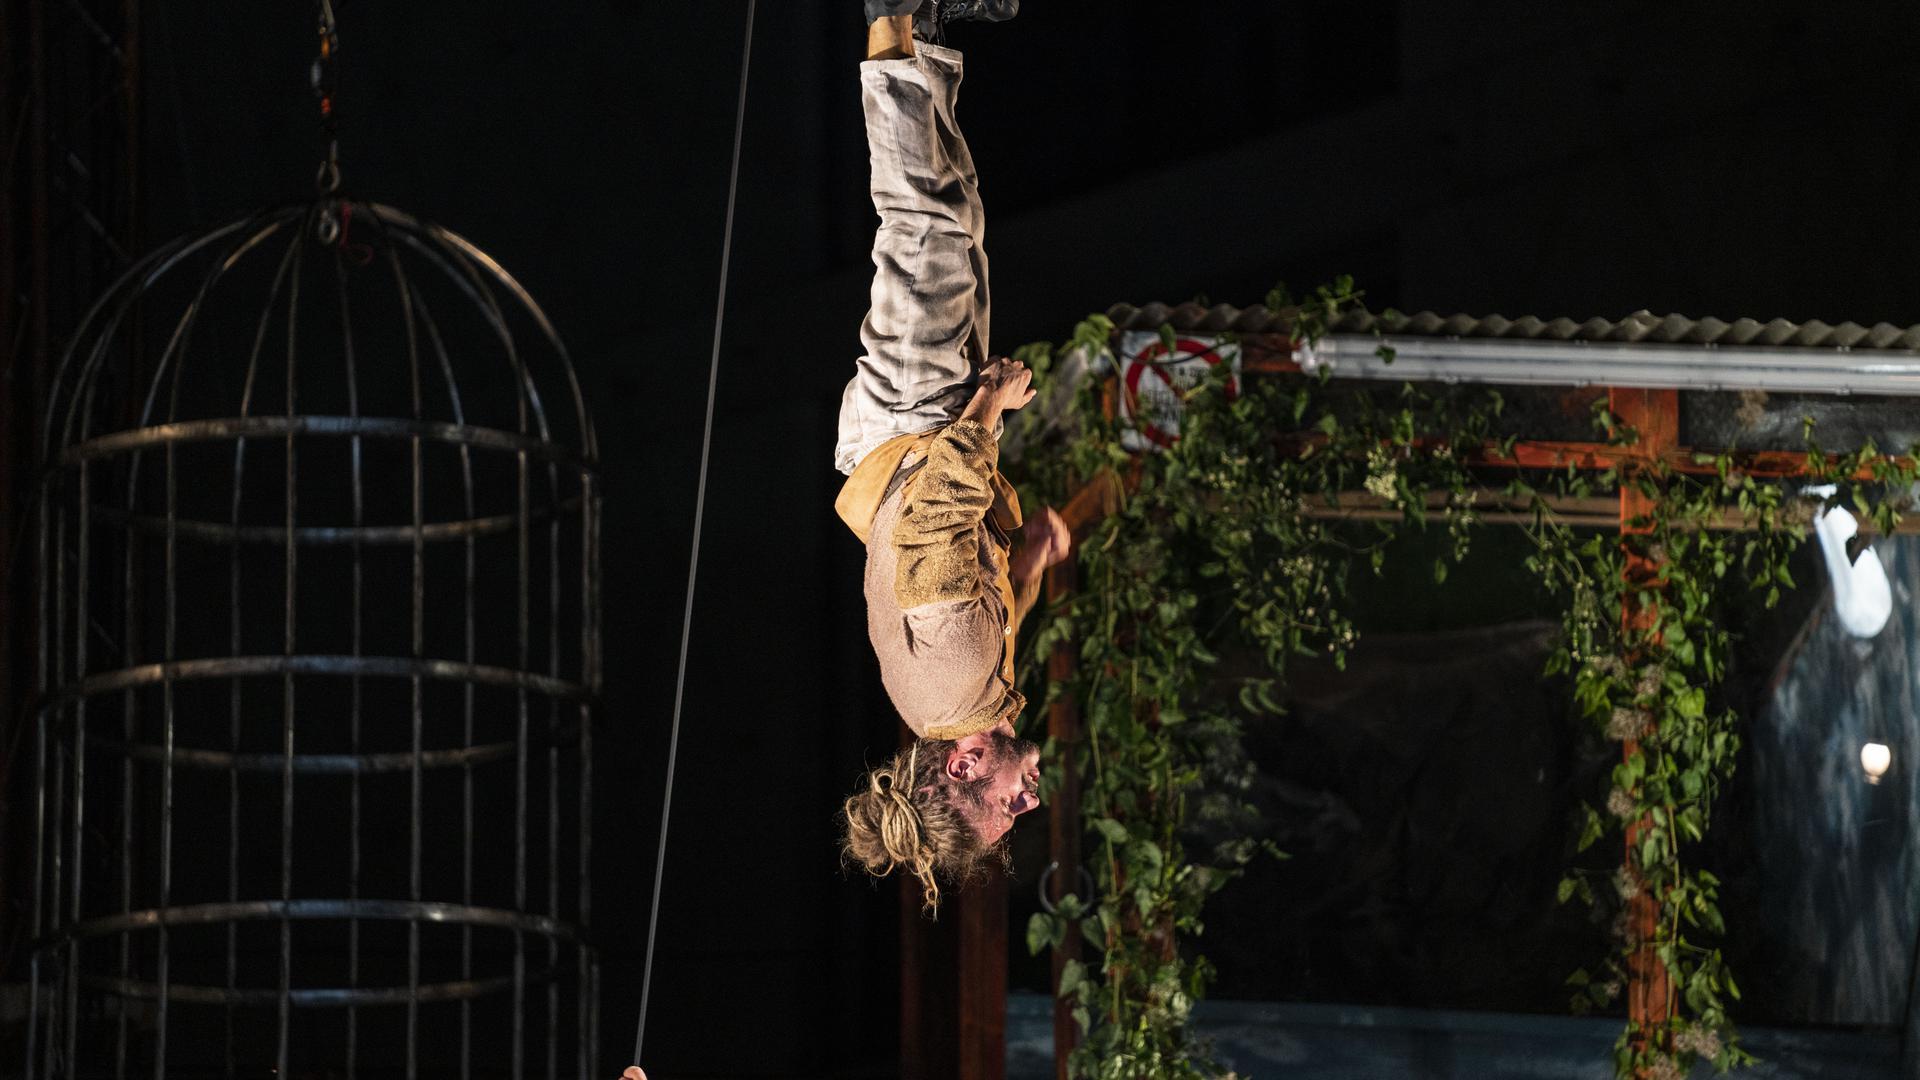 Ein Mann hängt kopfüber an einem Seil